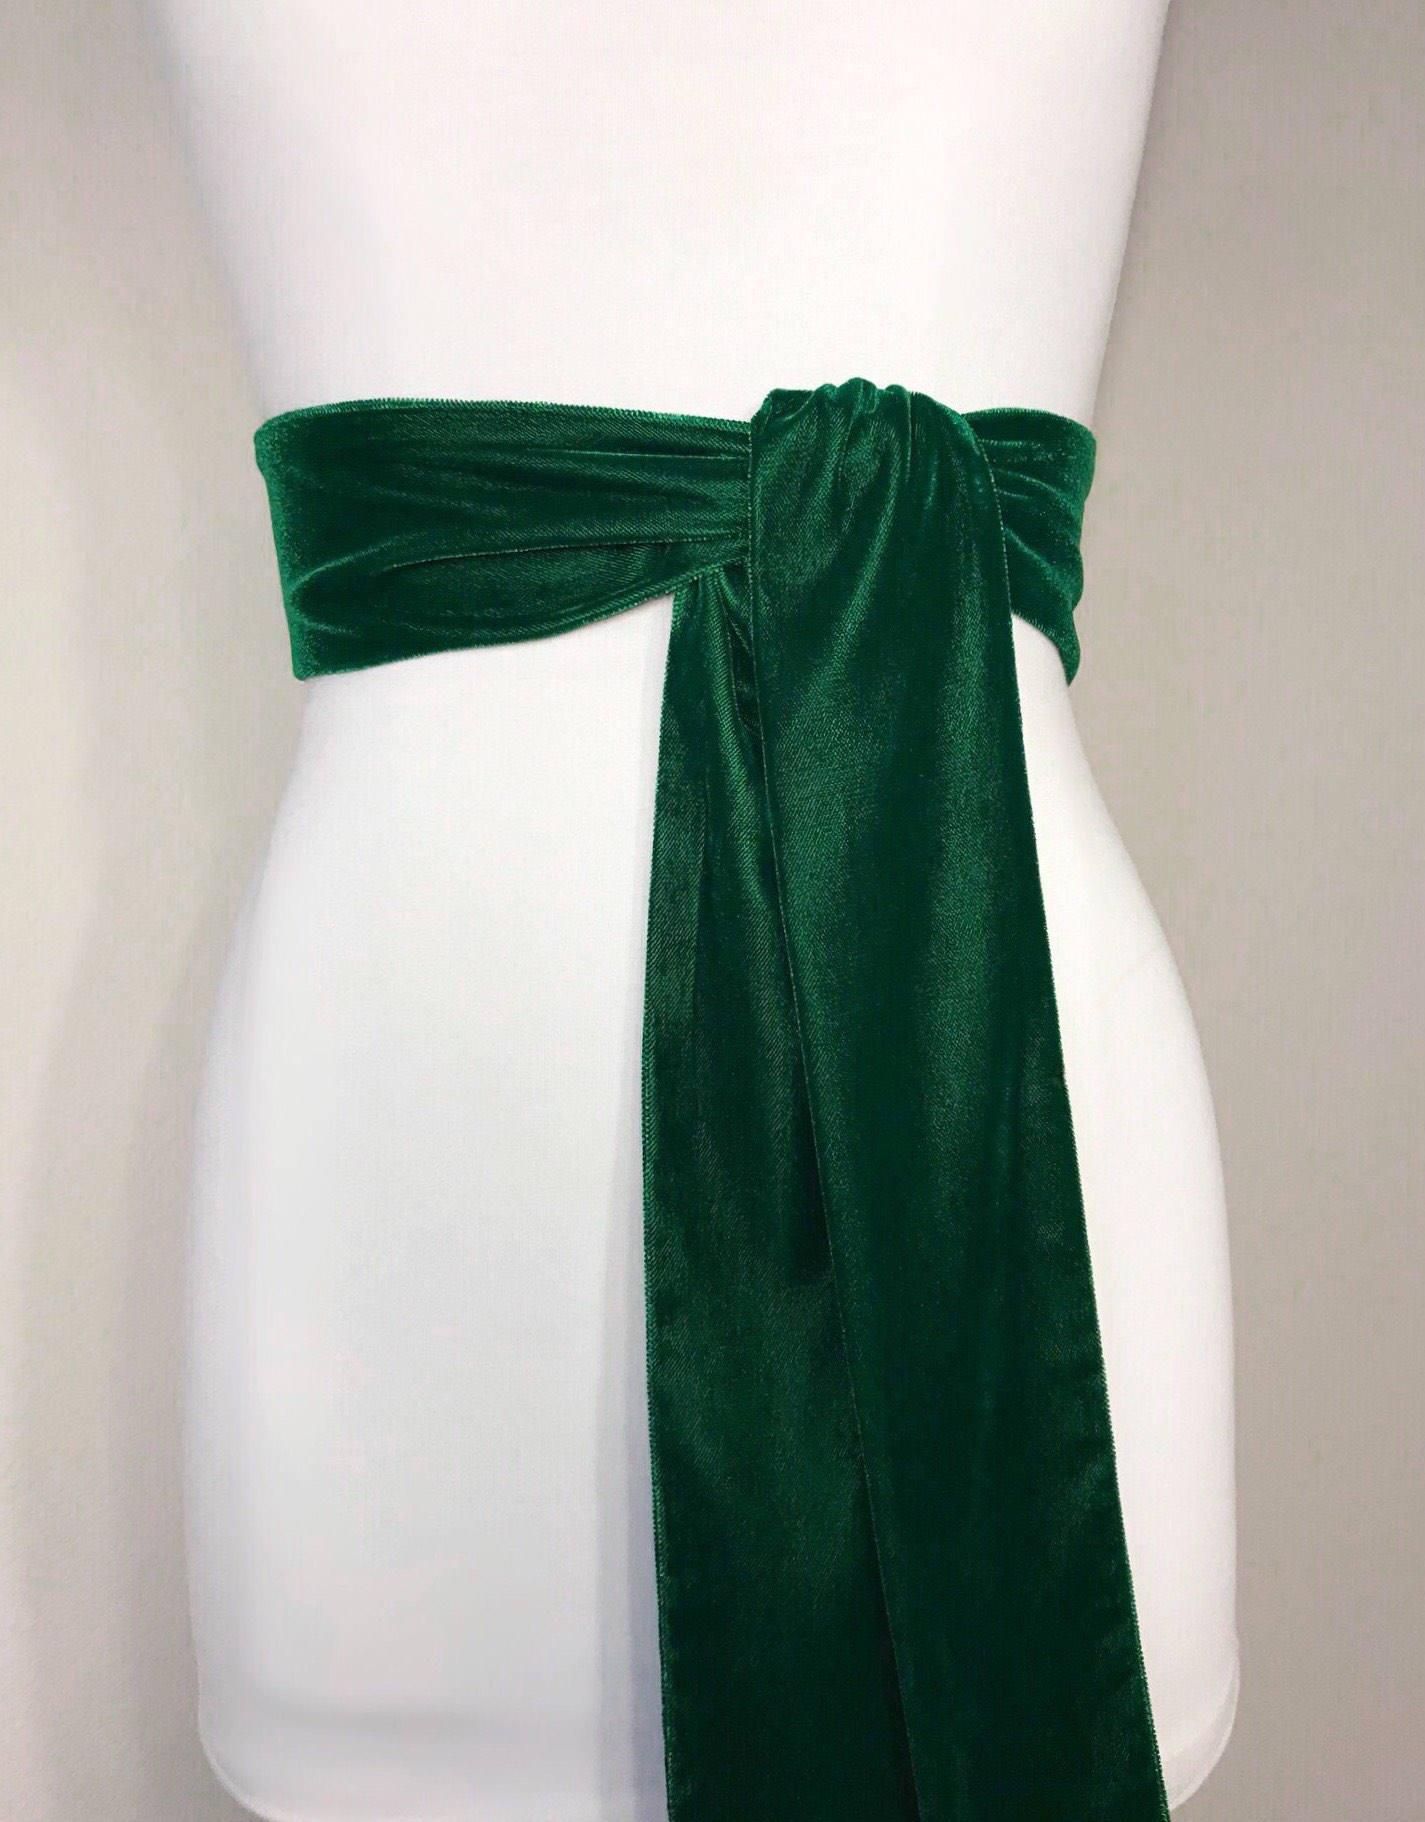 29c7f90a2985c Emerald Green Velvet Sash, Green Sash In Plush Velvet, Emerald ...